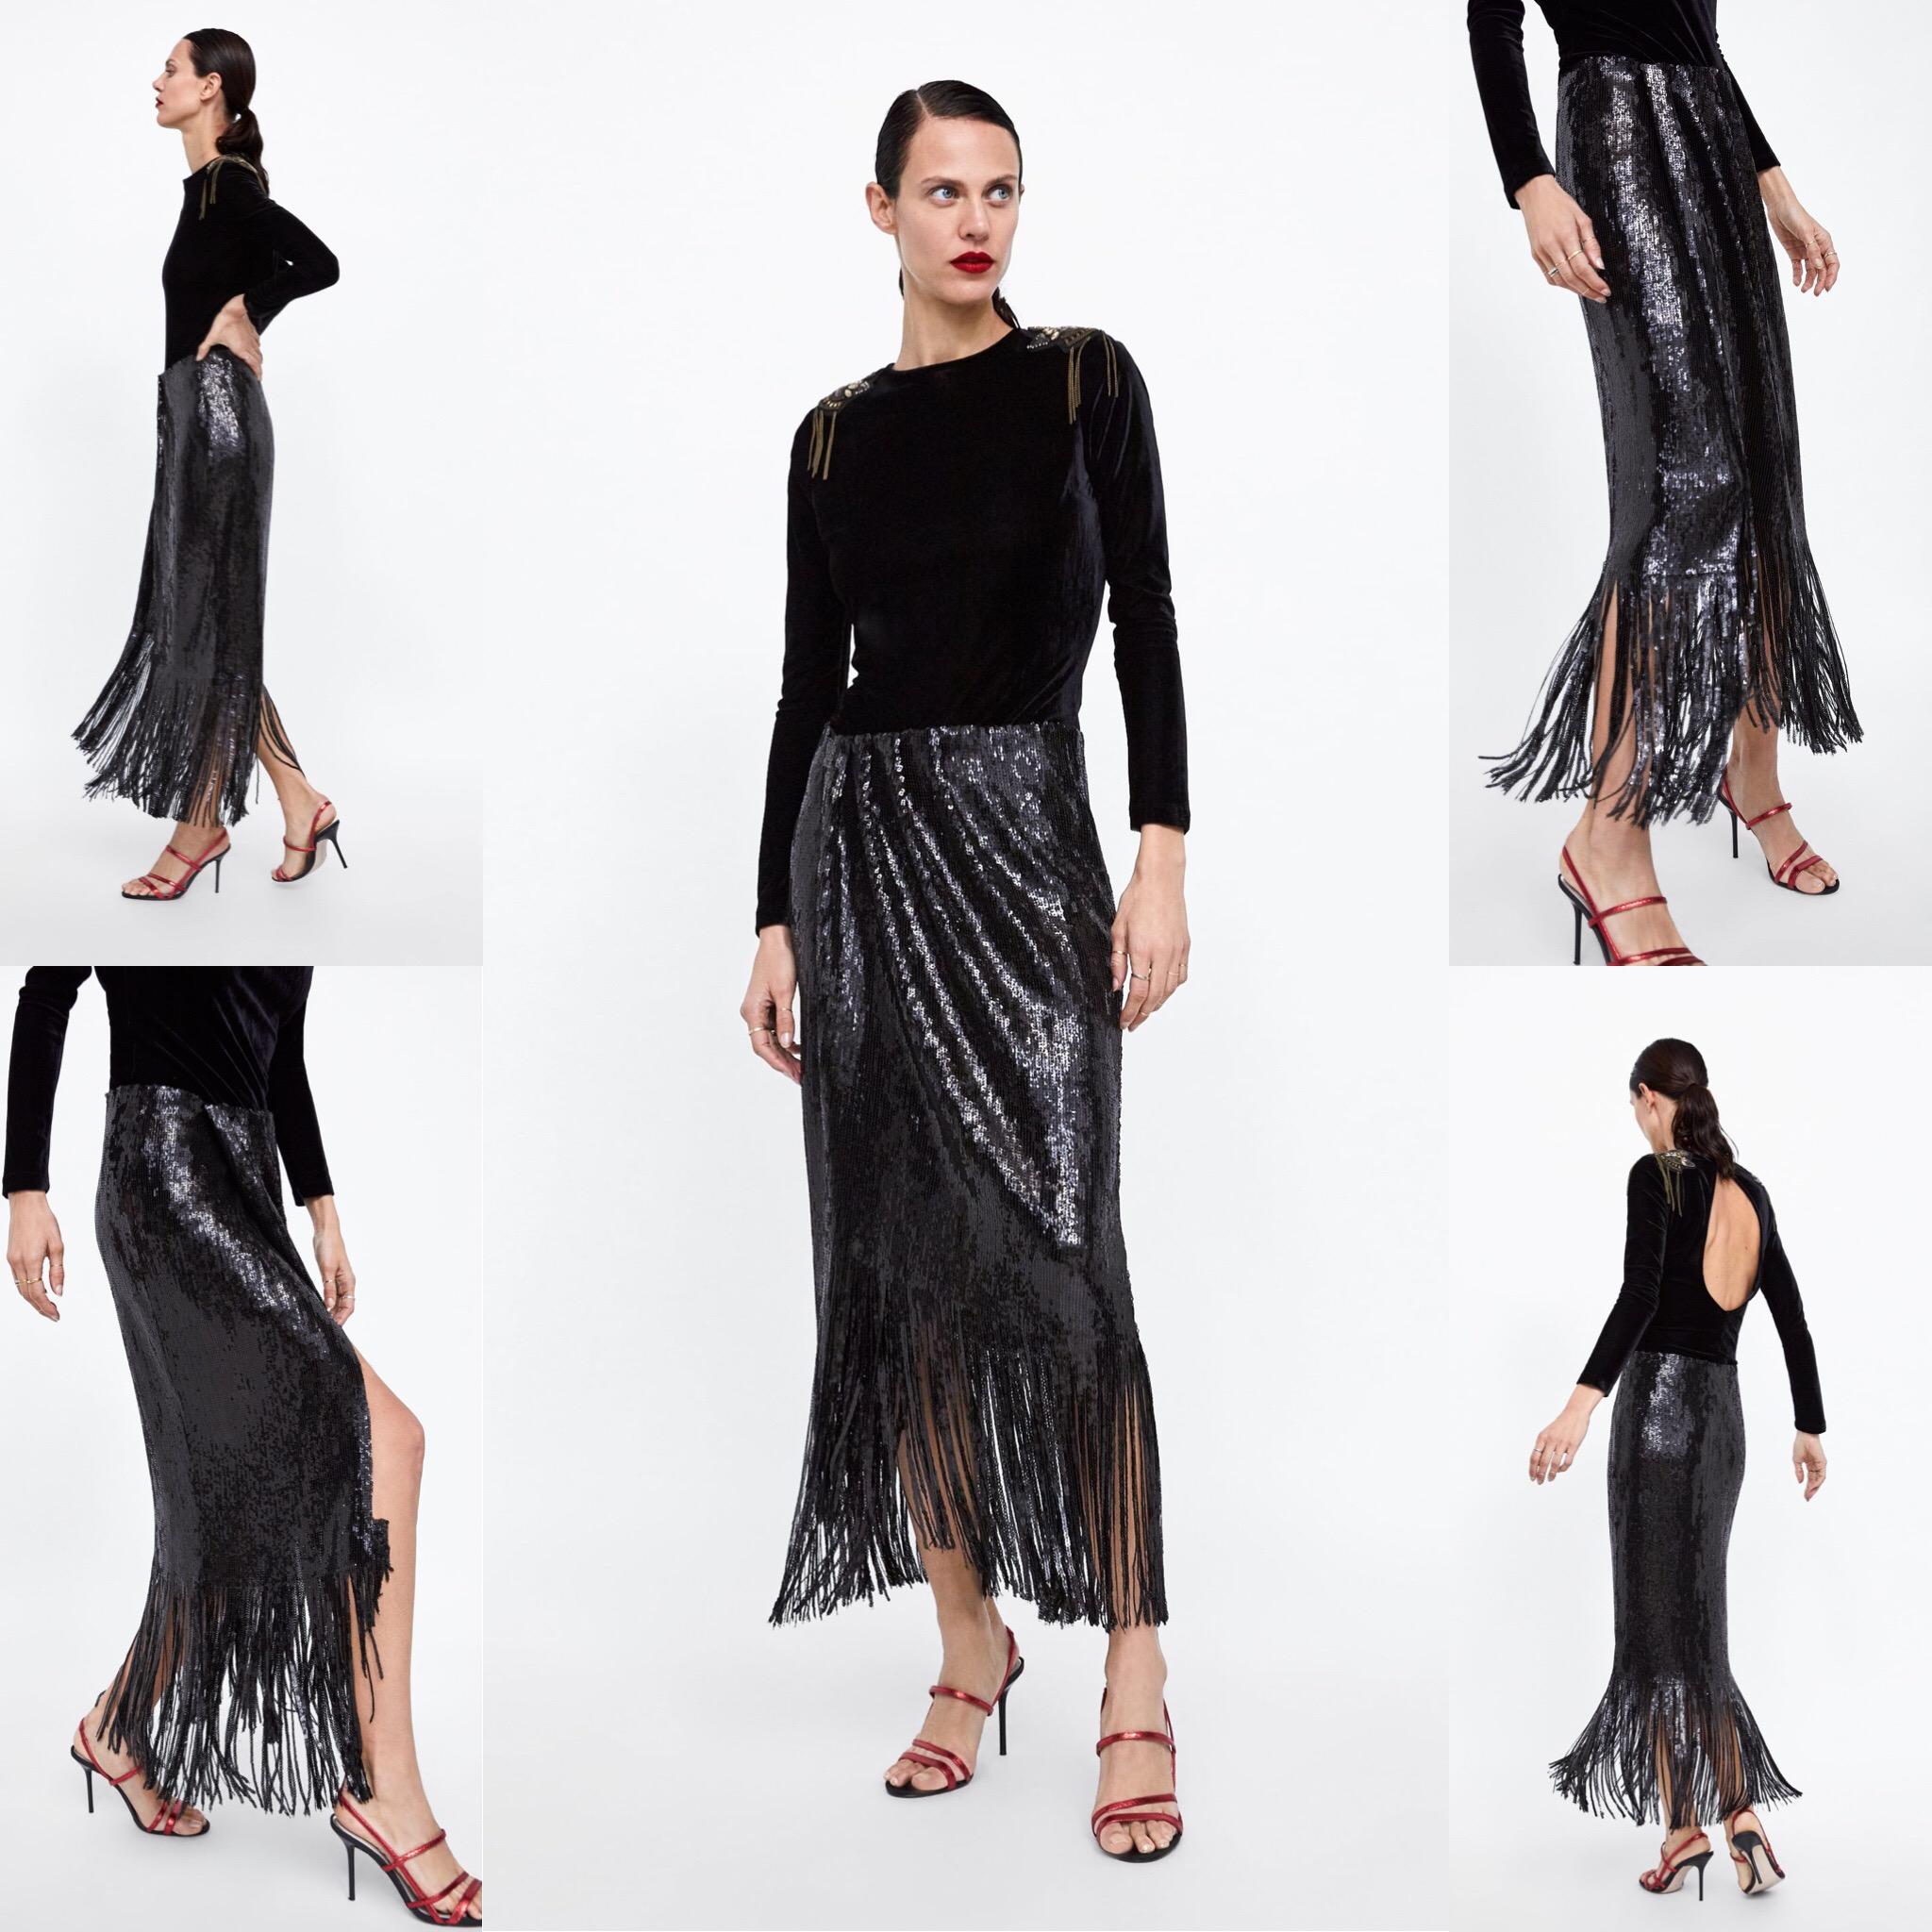 From: Zara.com